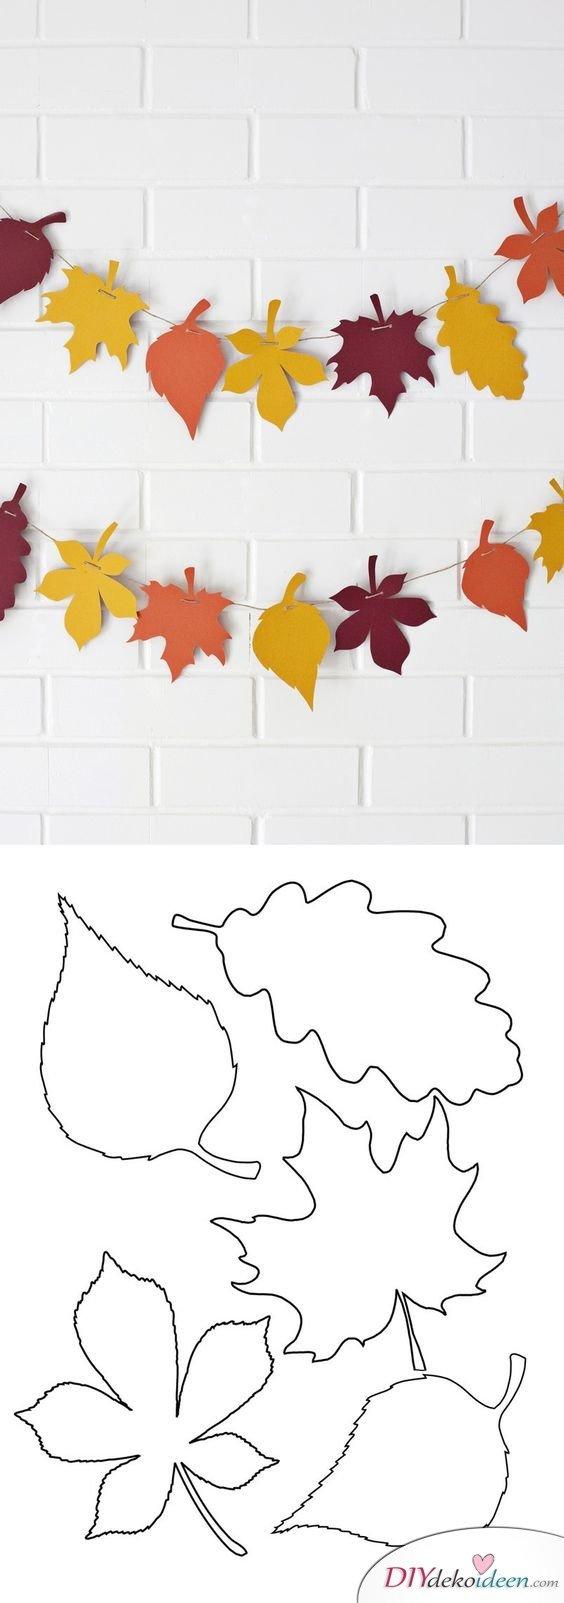 Herbstdeko selber machen - 15 DIY Bastelideen - bastel mit Papier